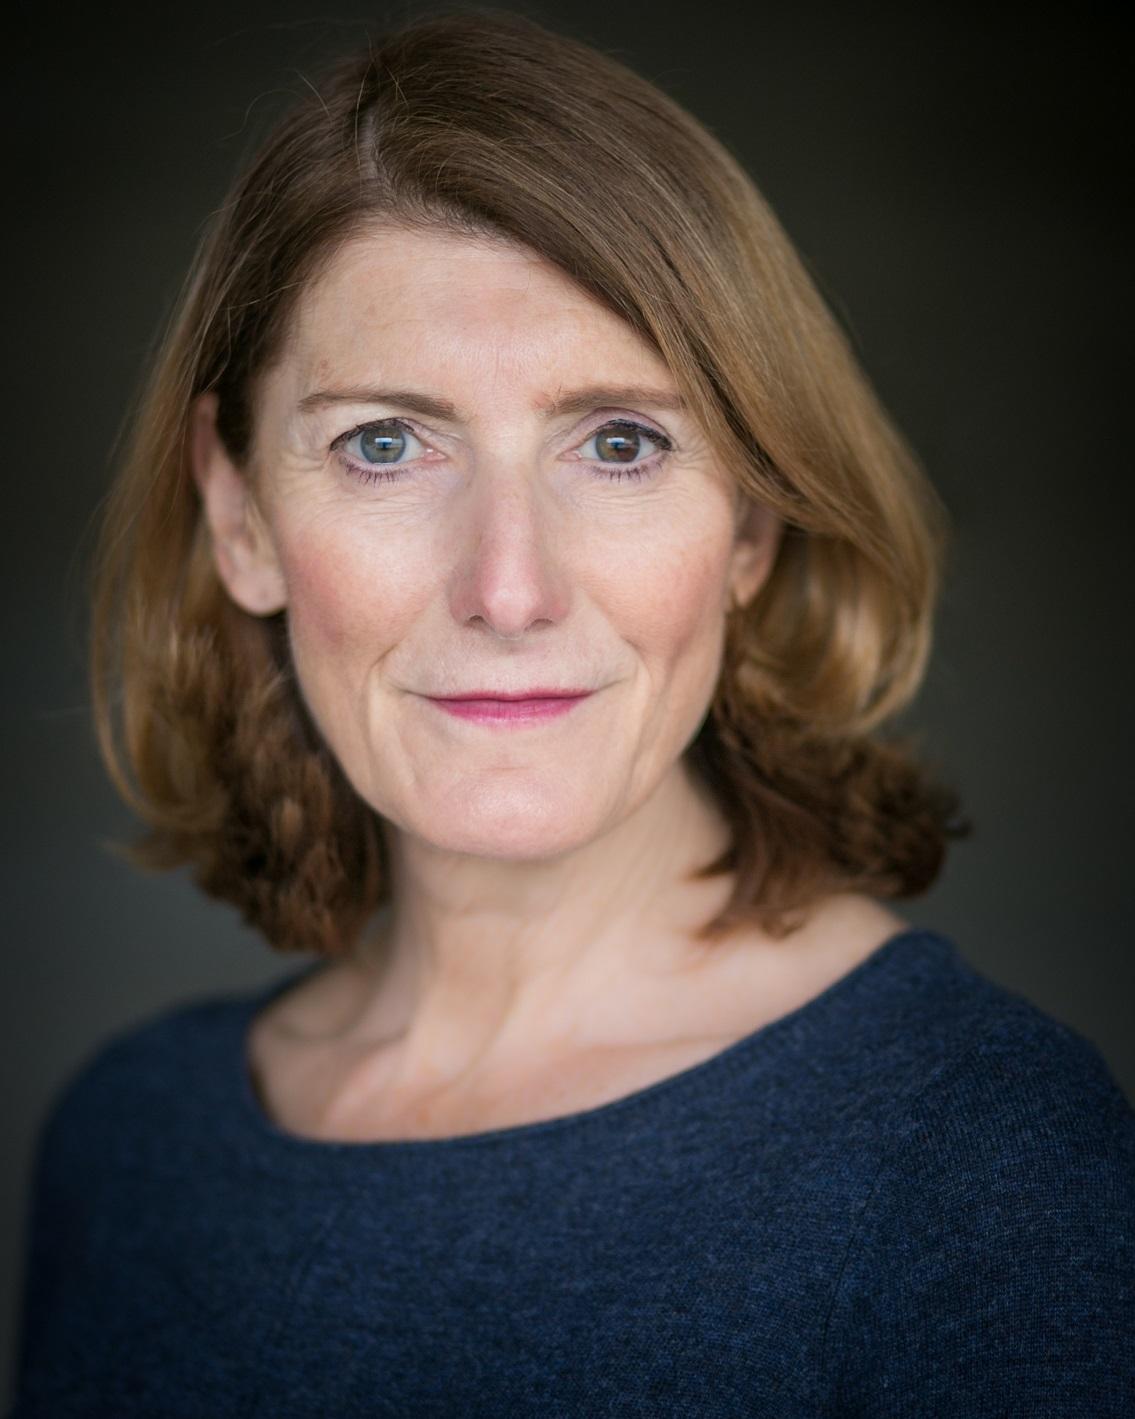 Claire Vousden